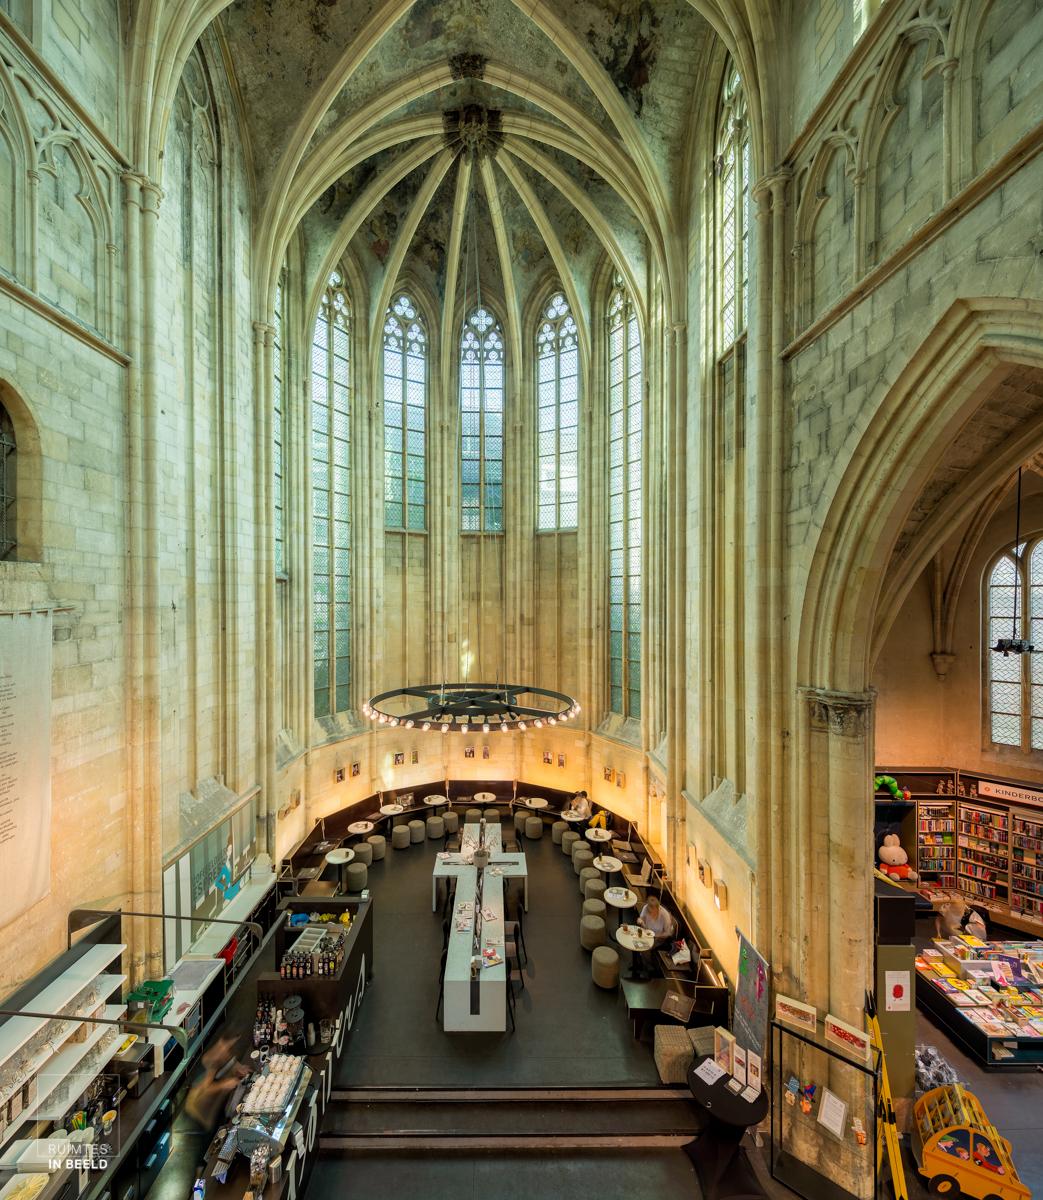 Interieur van de Boekhandel Dominicanen, een van de mooiste boekwinkels ter wereld | One of the most beautiful bookstores in the world, the Dominicanen Bookstore in Maastricht, Netherlands